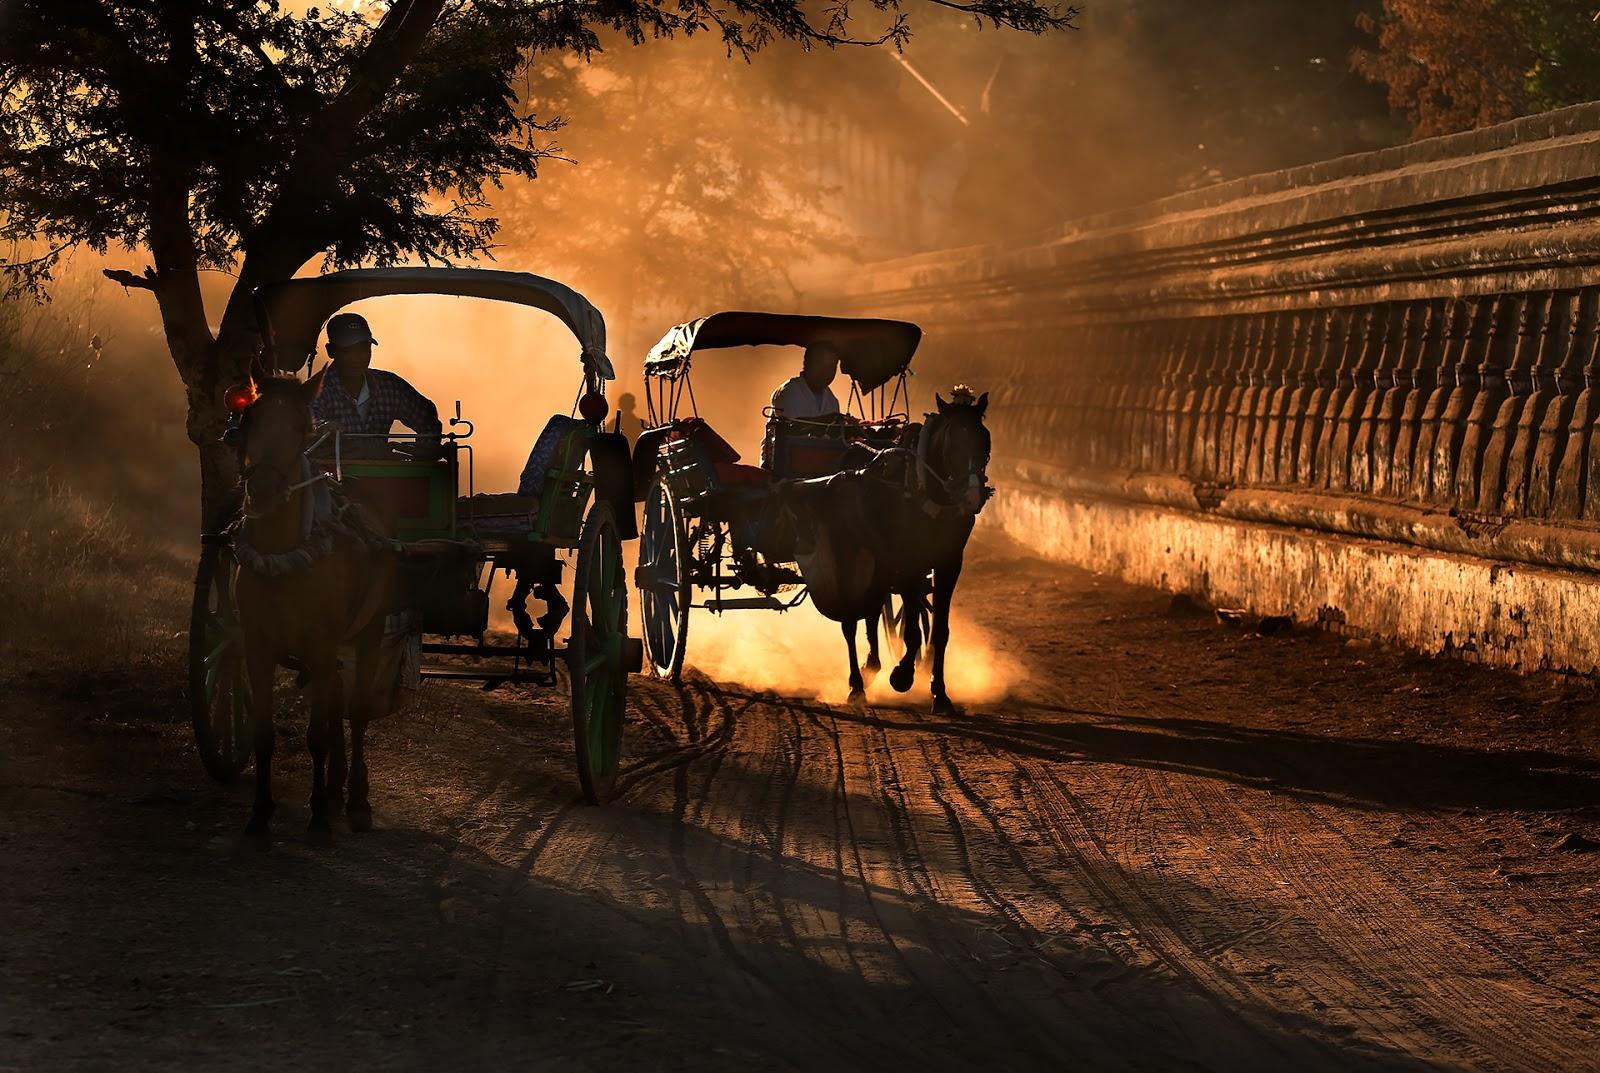 droga,bagan,zaprzęgi konne,ludzie,birma